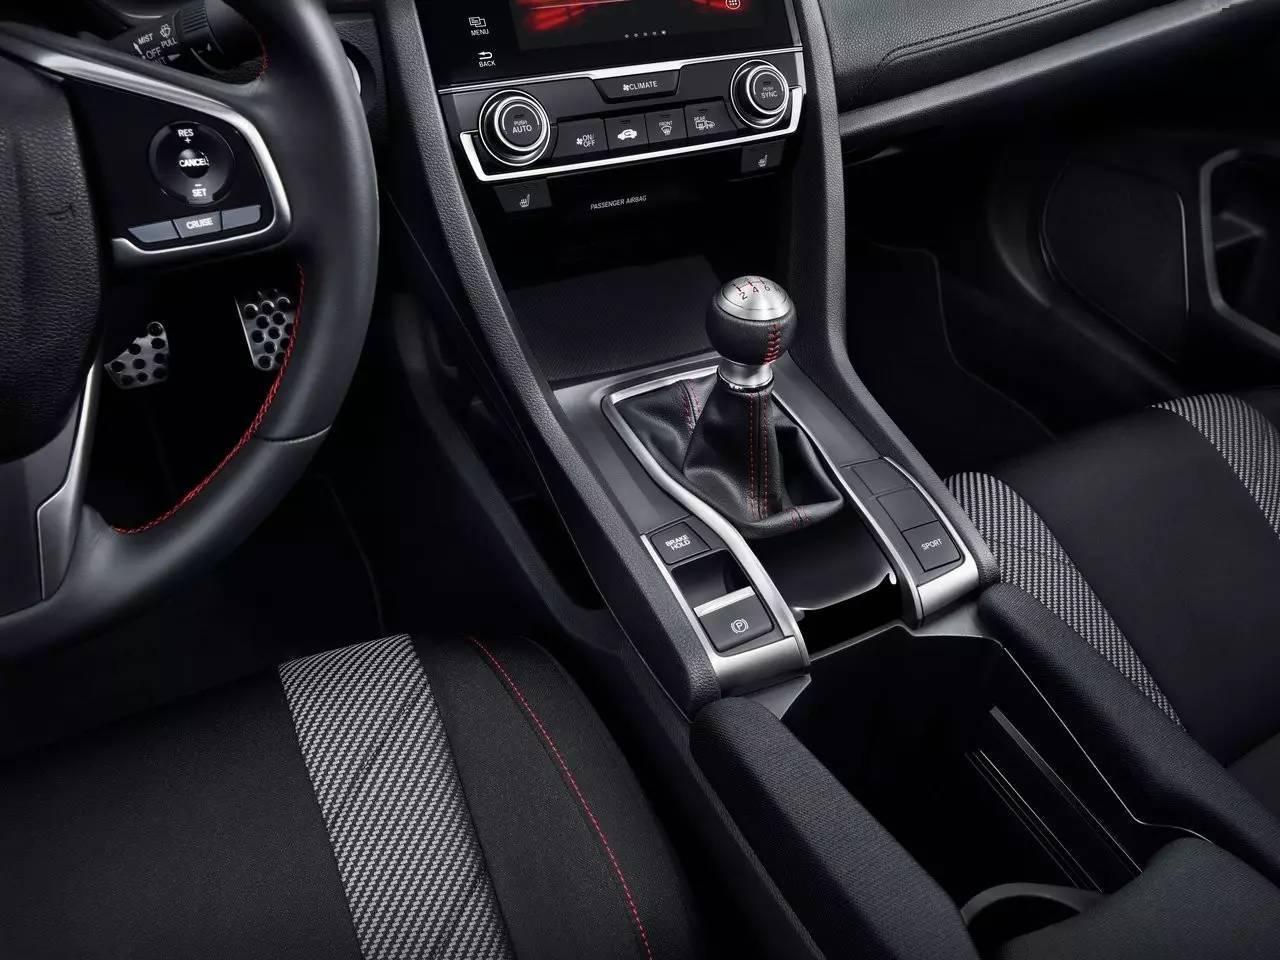 像丰田gt86那么讲究情怀的车,不还是同时提供了自动挡供选择吗?